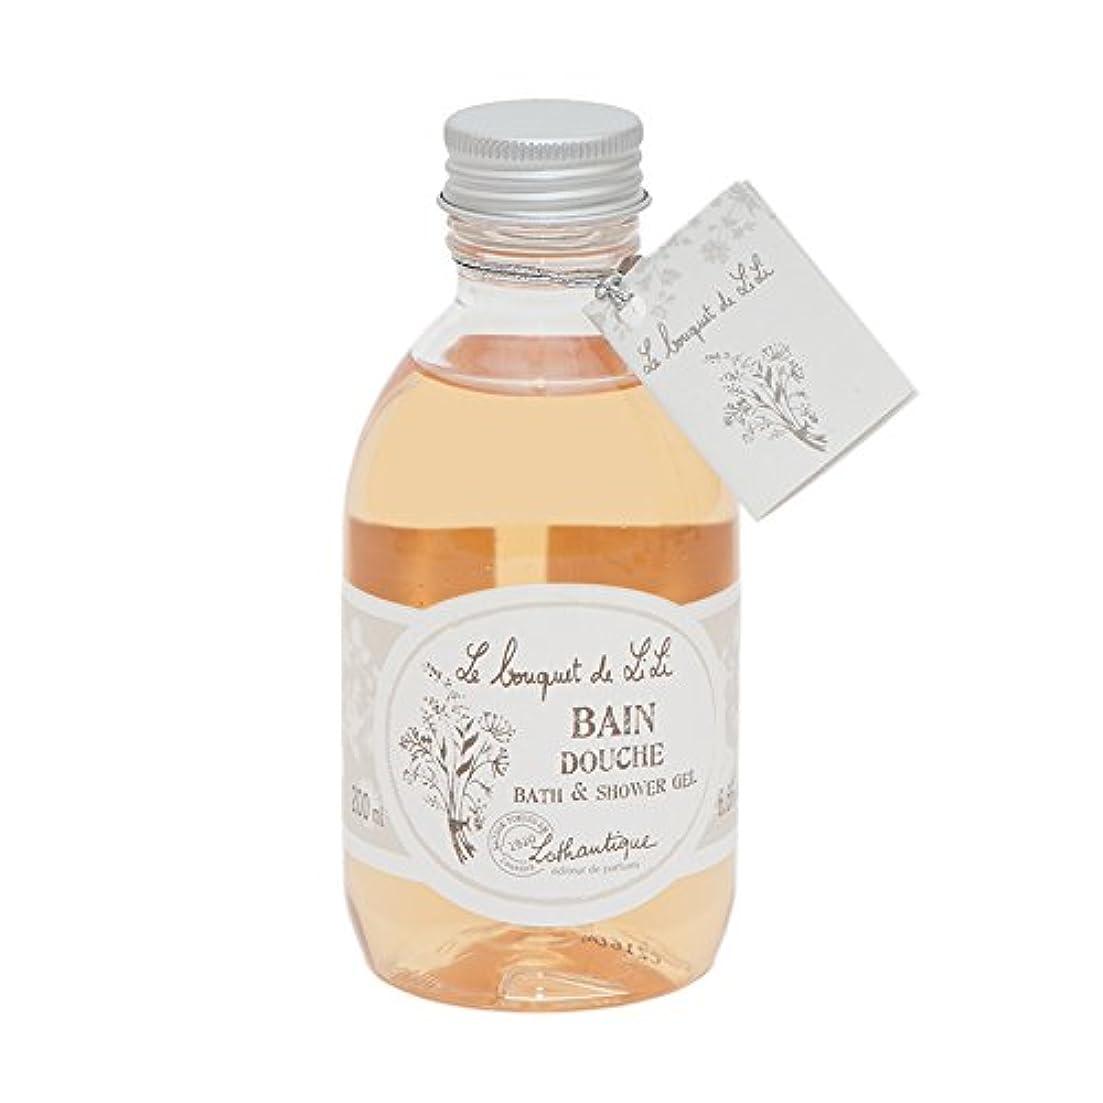 恥ずかしさ漏れかるLothantique(ロタンティック) Le bouquet de LiLi(ブーケドゥリリシリーズ) ボディウォッシュ 200ml 3420070029034